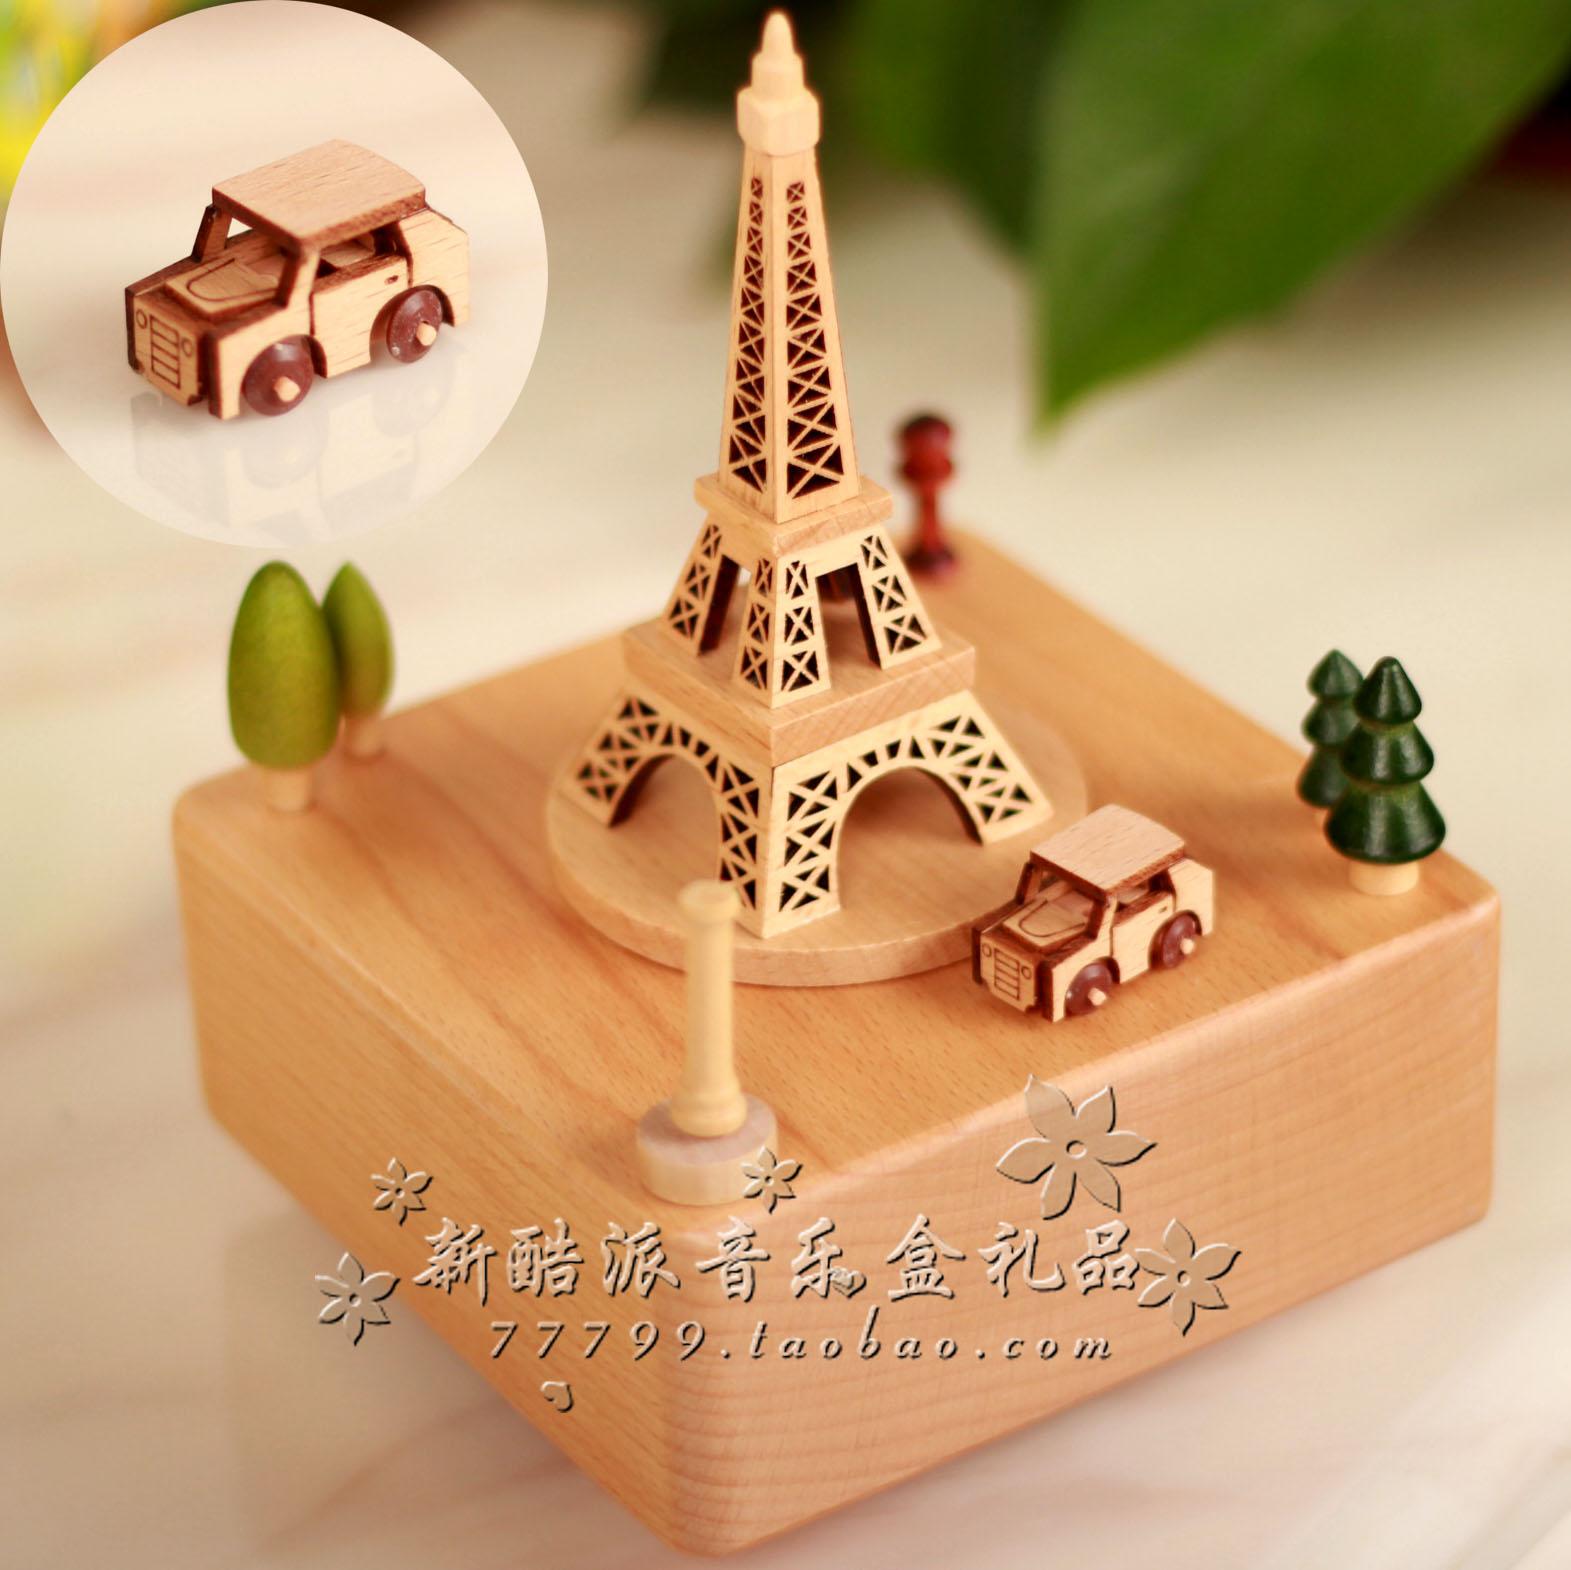 音乐盒八音盒精品木质发条旋转巴黎铁塔情人节生日儿童圣诞礼物